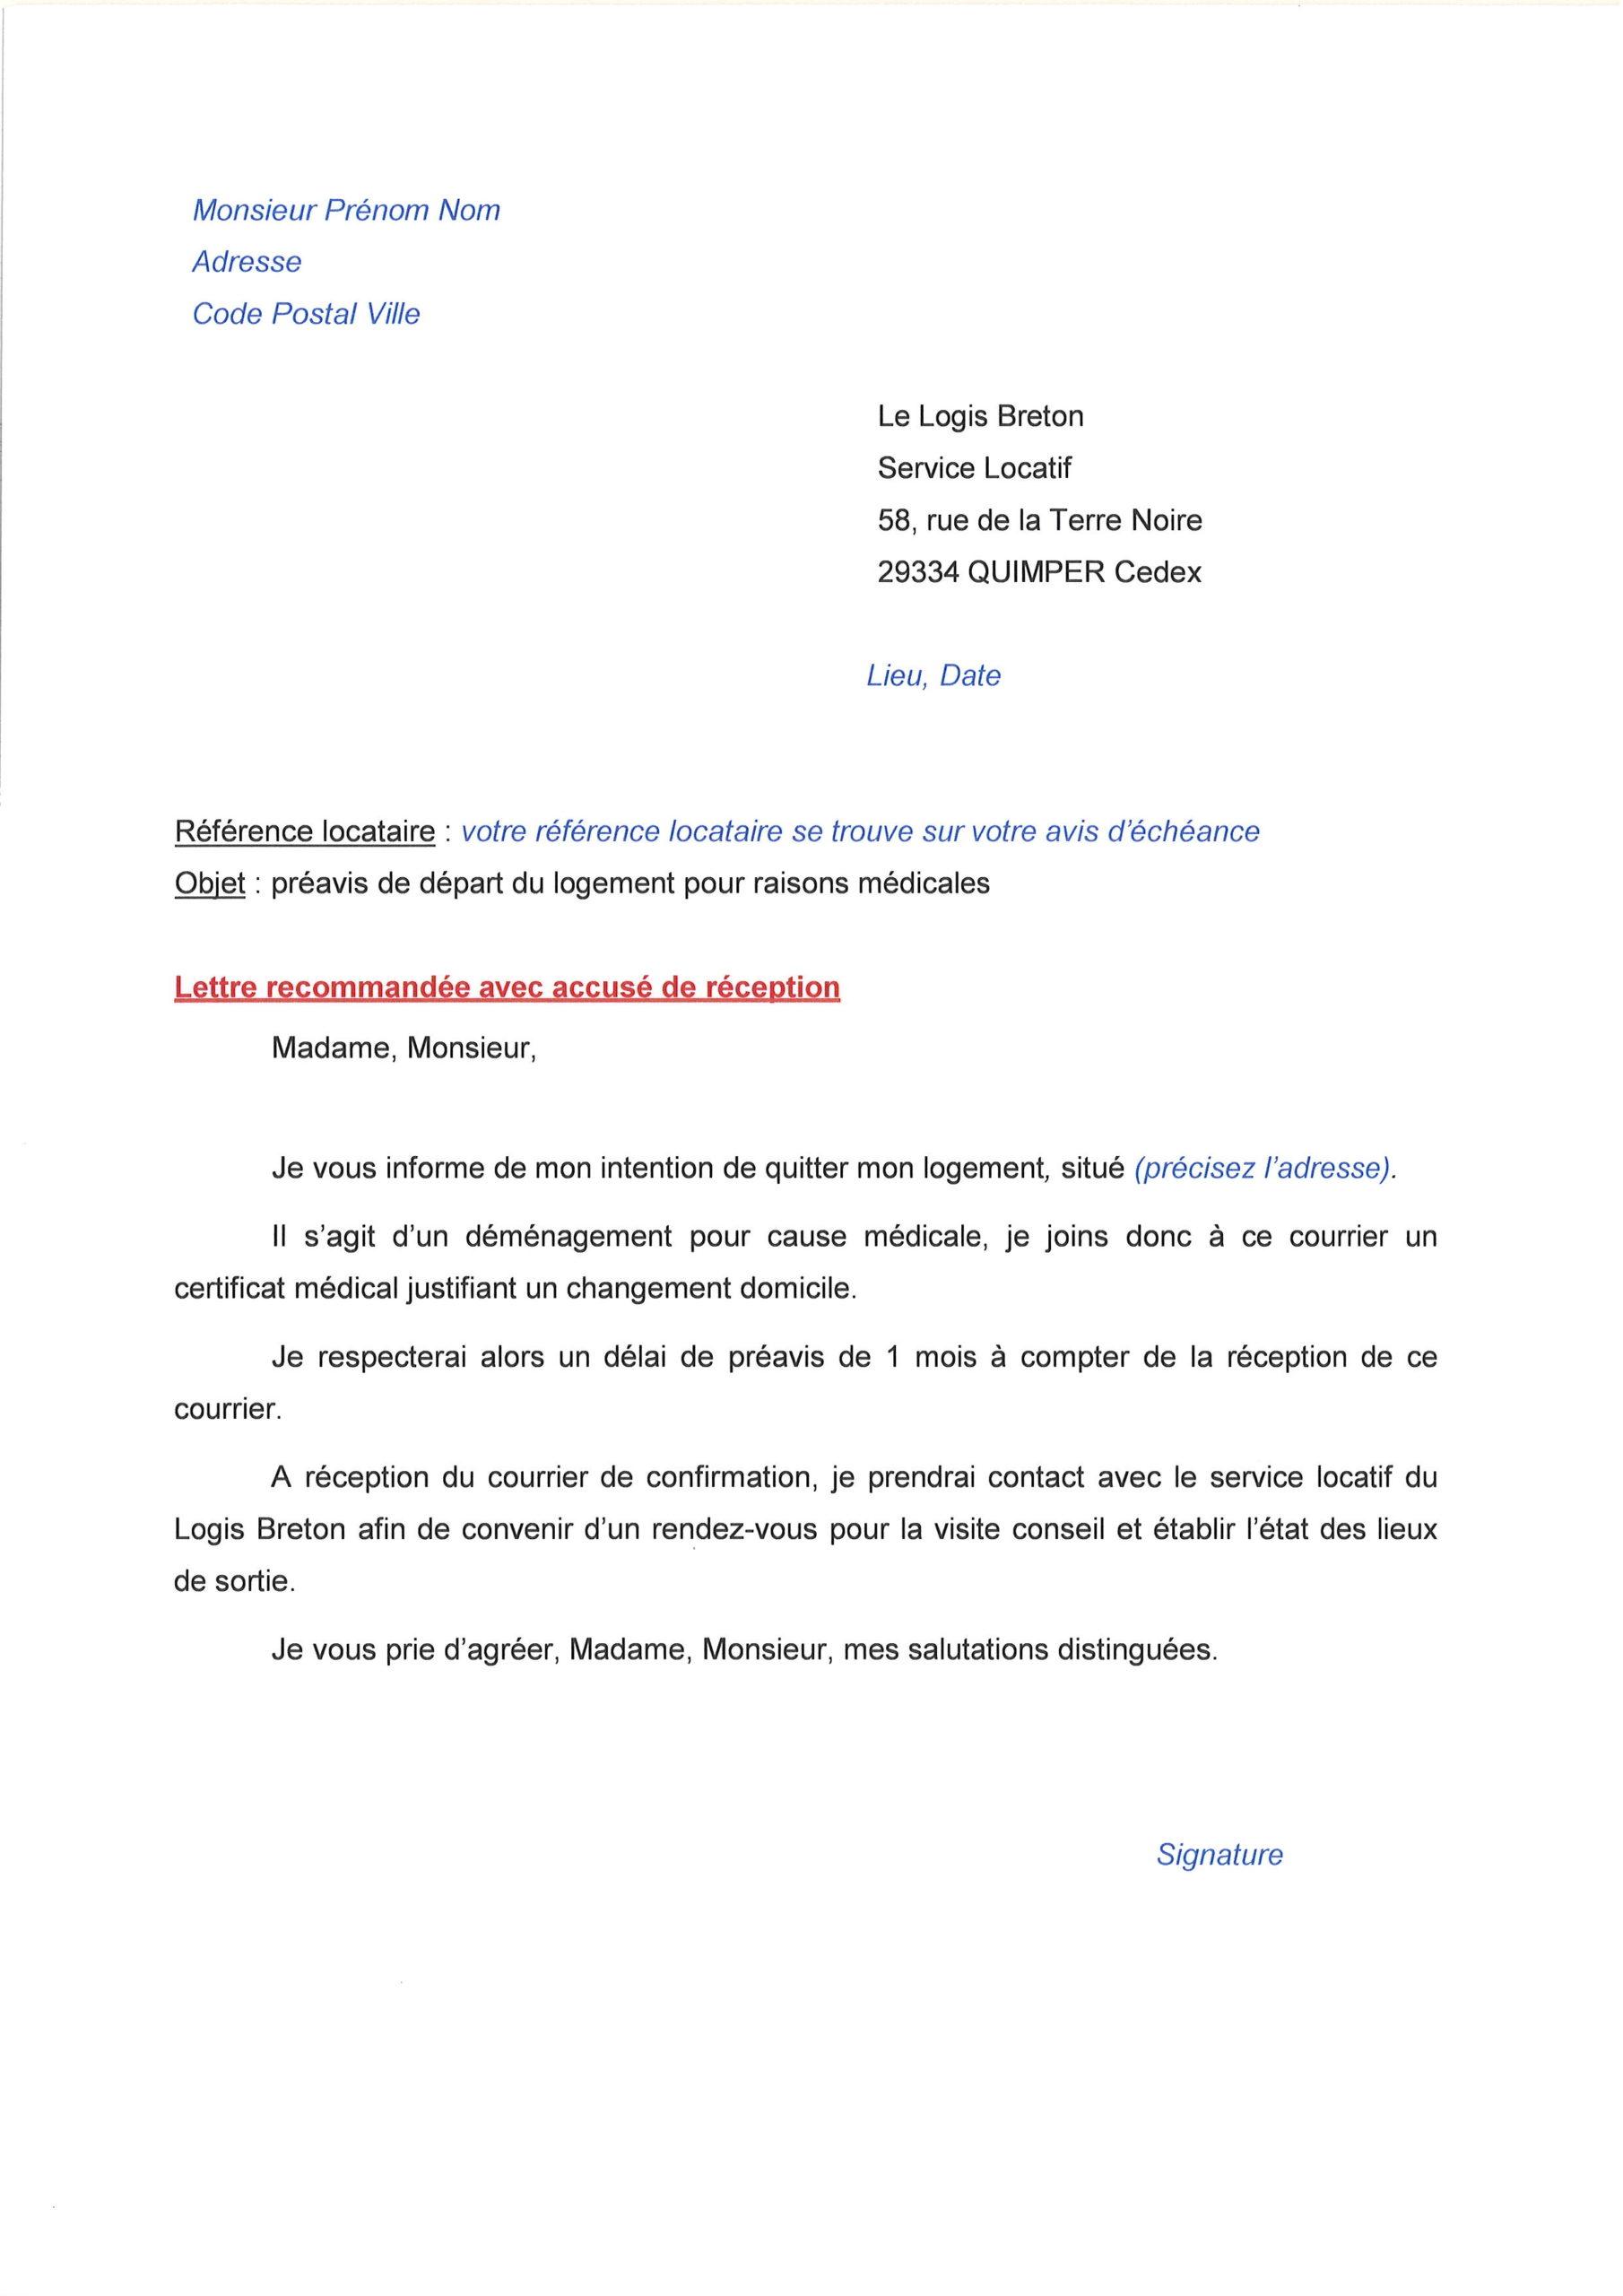 Tout Savoir Sur Le Logement Social Le Logis Breton